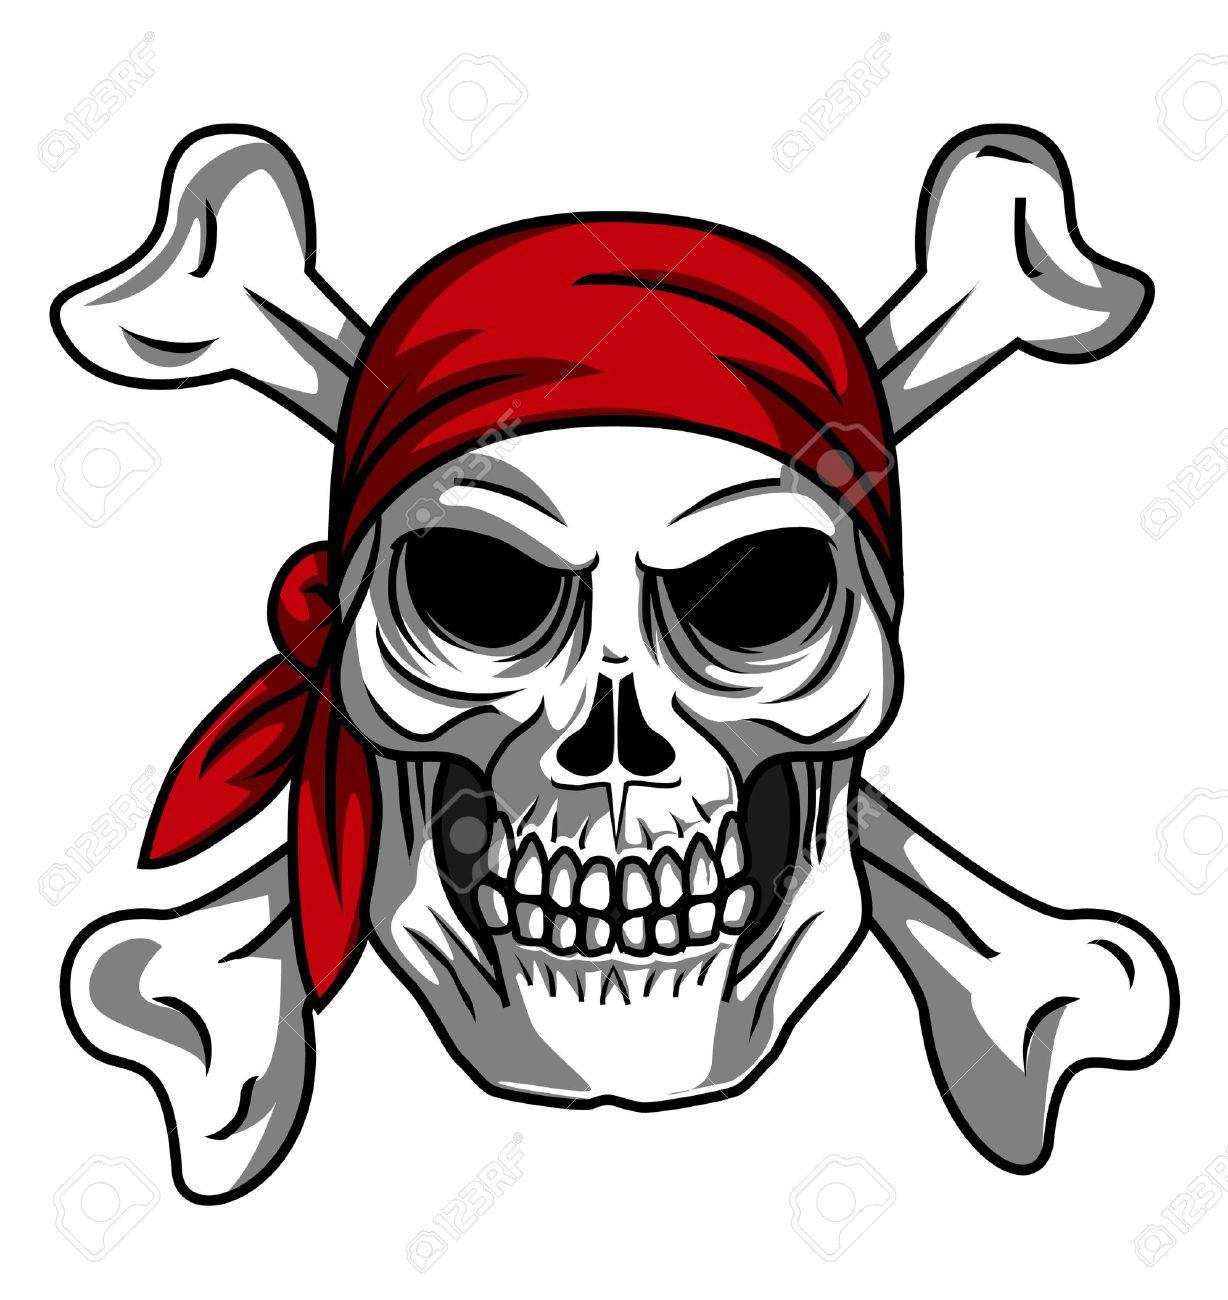 Resultado de imagen para el pirata sin cabeza